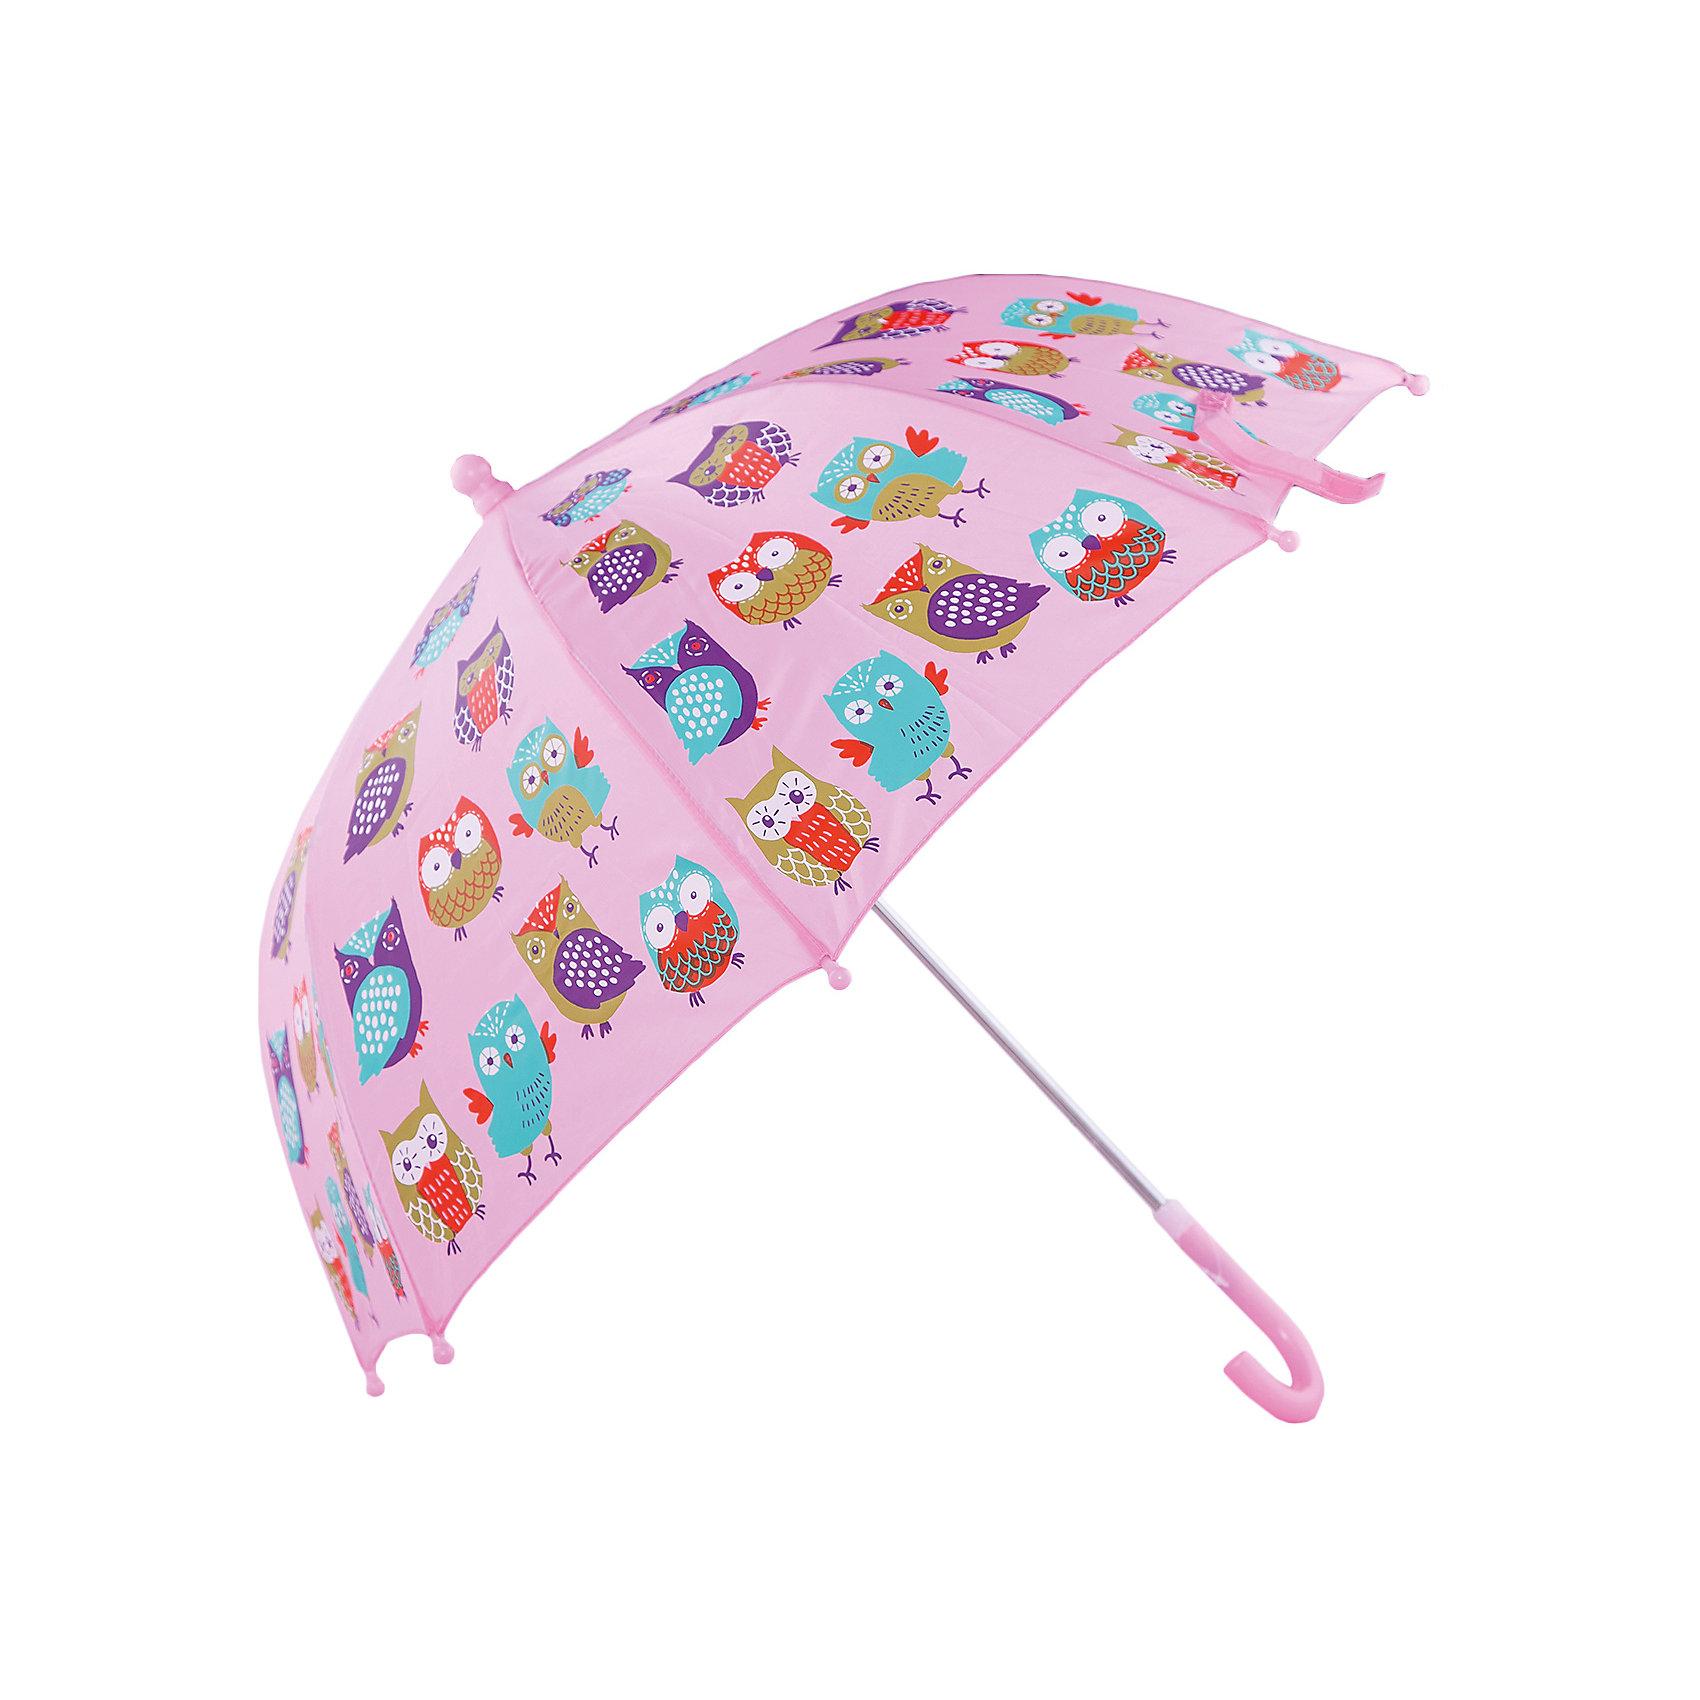 Зонт детский Совушки, 46 см.Зонты детские<br>Зонт детский Совушки, 46 см., Mary Poppins (Мэри Поппинс)<br><br>Характеристики:<br><br>• устойчив к ветру<br>• система складывания: механическая<br>• прочное крепление купола<br>• радиус купола: 46 см<br>• длина ручки: 57 см<br>• пластиковый фиксатор на стержне зонтика<br>• пластиковые насадки на спицах<br>• материал: текстиль, металл, пластик<br>• размер упаковки: 60х6х8 см<br><br>Красивый и надёжный зонт - необходимый аксессуар для каждого ребёнка. Зонт Совушки не только защитит от дождя, но и поднимет настроение в непогоду. Купол надёжно прикреплен к металлическому каркасу, благодаря чему зонт устойчив к порывам ветра. Купол оформлен красивым изображением разноцветных сов. На концах спиц есть закругленные пластиковые наконечники.<br><br>Зонт детский Совушки, 46 см., Mary Poppins (Мэри Поппинс) вы можете купить в нашем интернет-магазине.<br><br>Ширина мм: 600<br>Глубина мм: 600<br>Высота мм: 800<br>Вес г: 180<br>Возраст от месяцев: 36<br>Возраст до месяцев: 2147483647<br>Пол: Женский<br>Возраст: Детский<br>SKU: 5508526